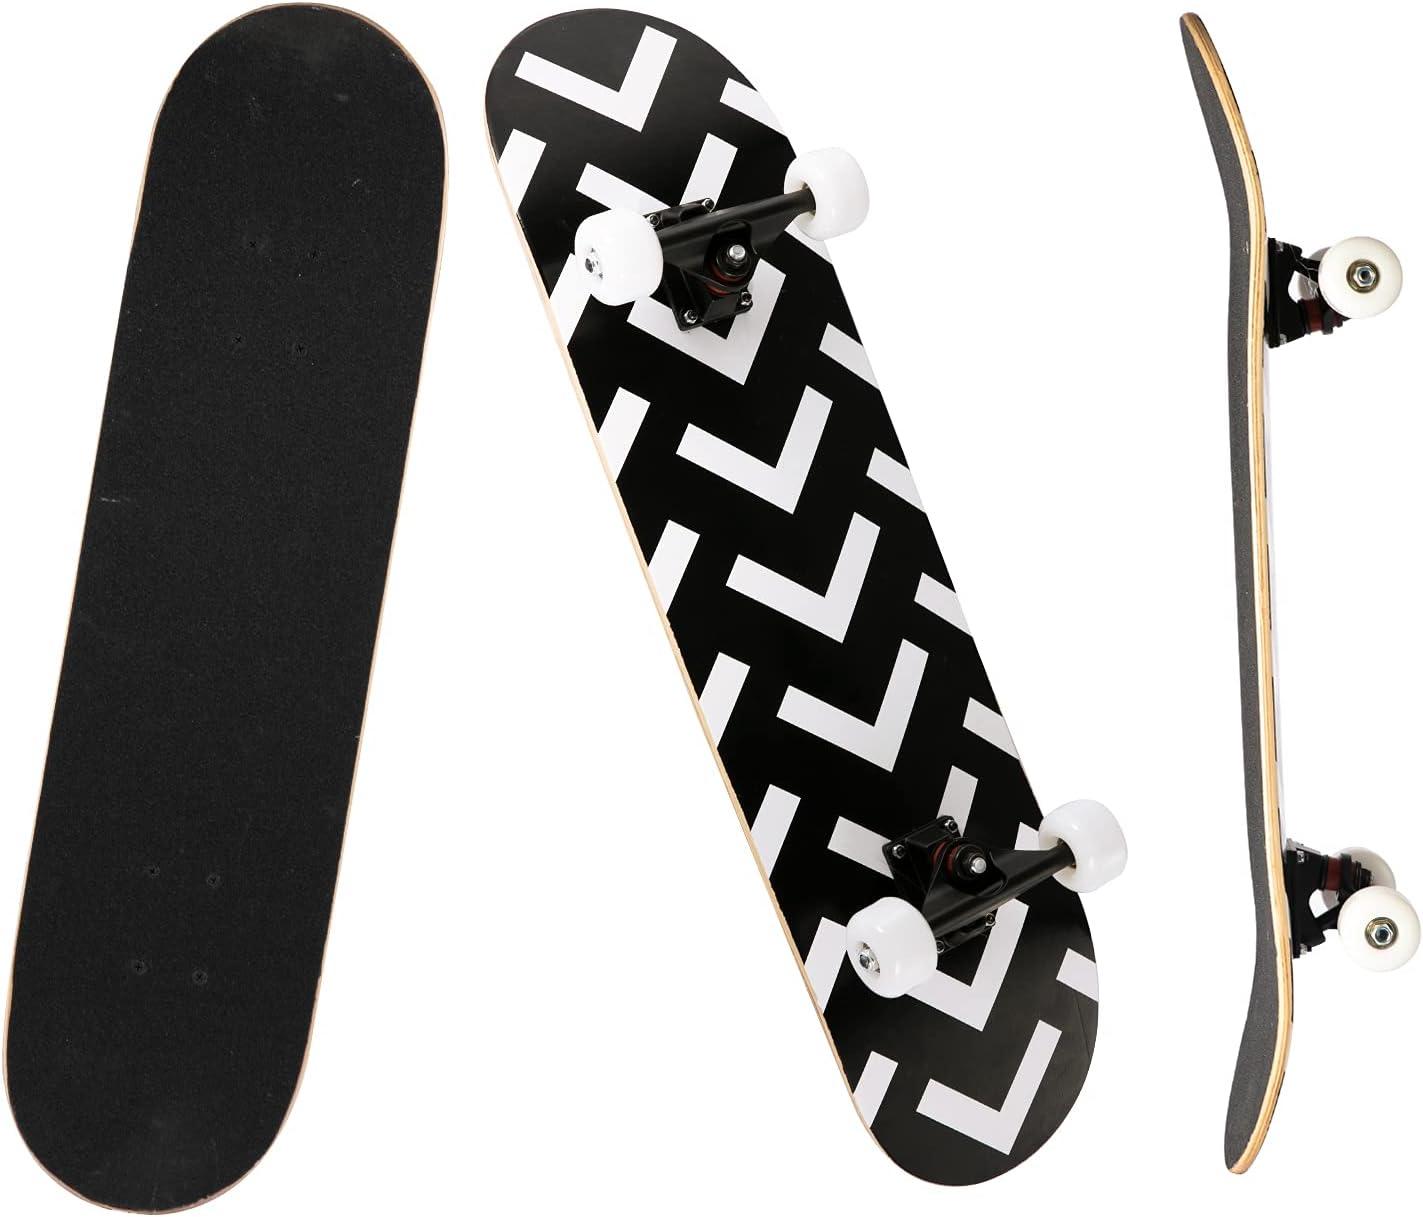 YUDOXN Completo Skateboard para Principiantes, 80x20(cm) monopatín Skate Madera de Arce para Adolescentes, niños, niñas. 7 Capas Monopatín de Madera de Arce con Rodamiento ABEC-7.